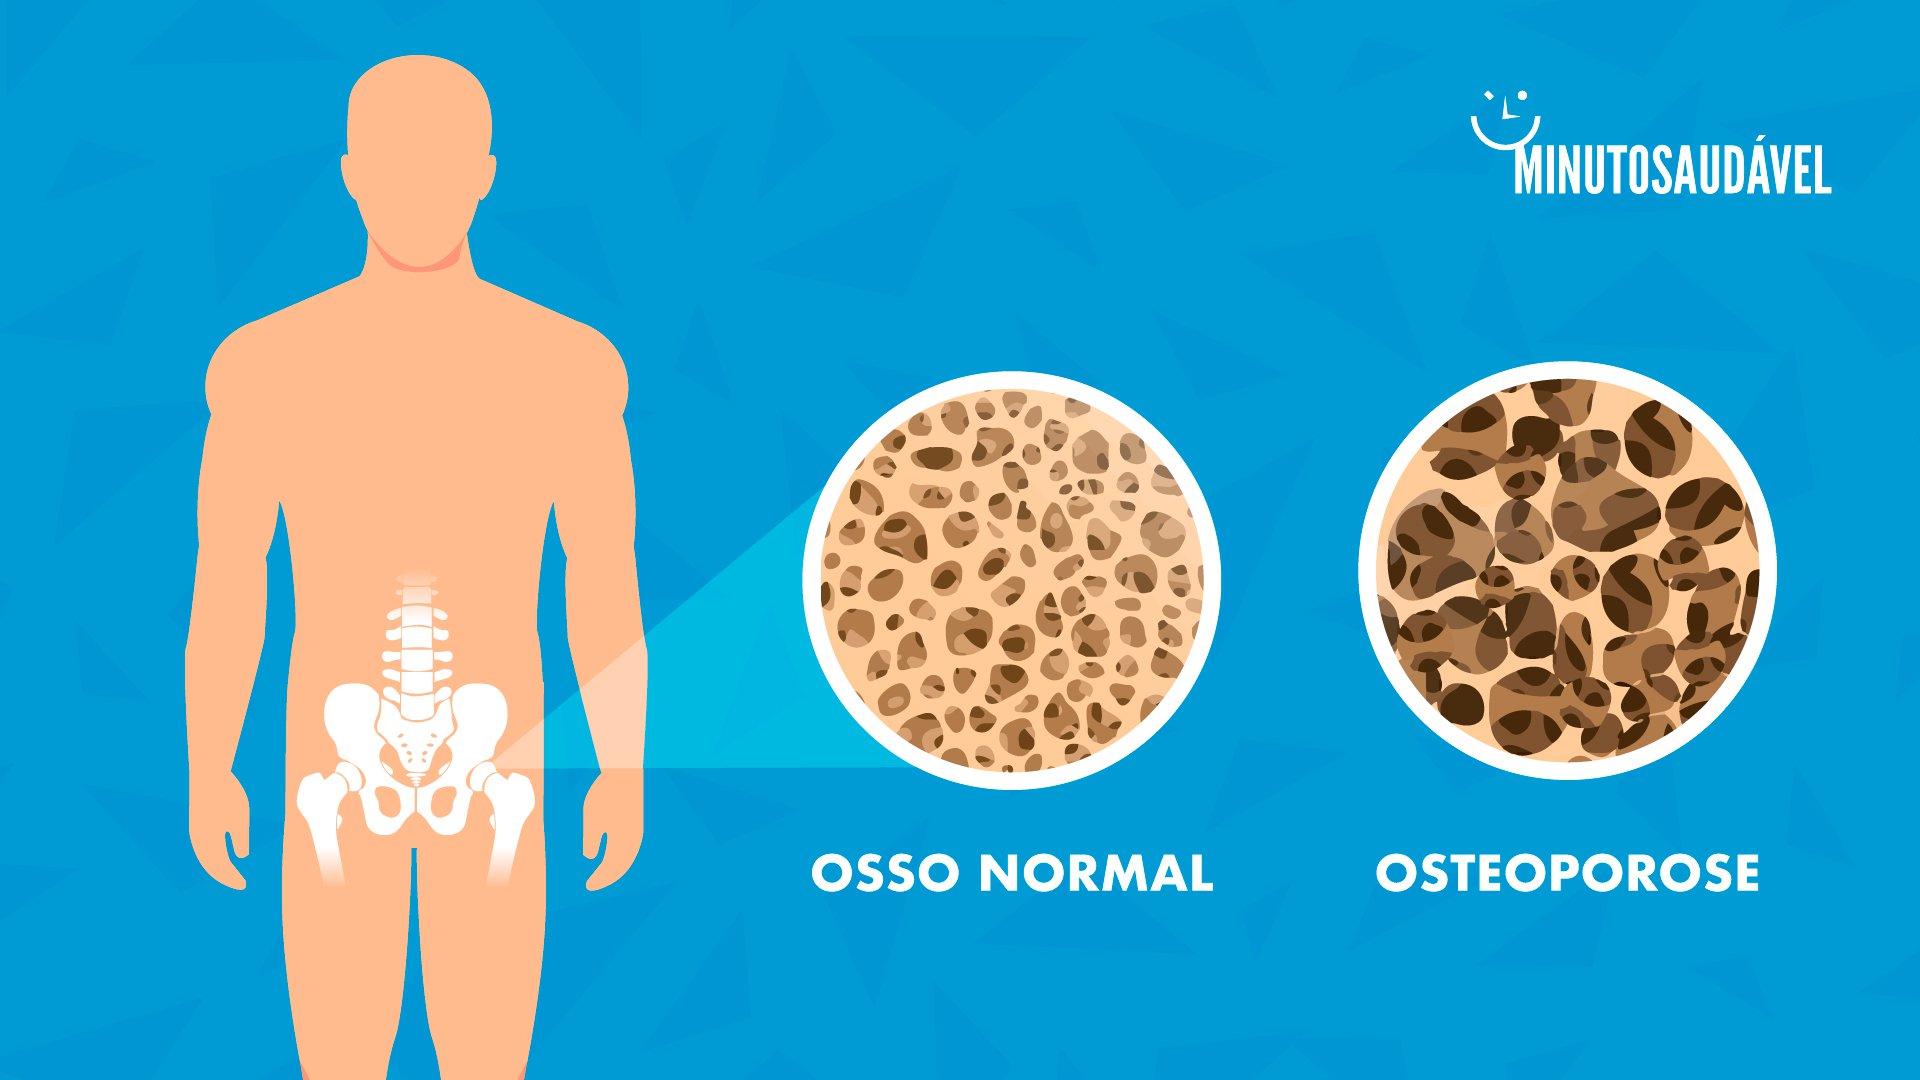 é osteoporose causada por deficiência de vitamina d